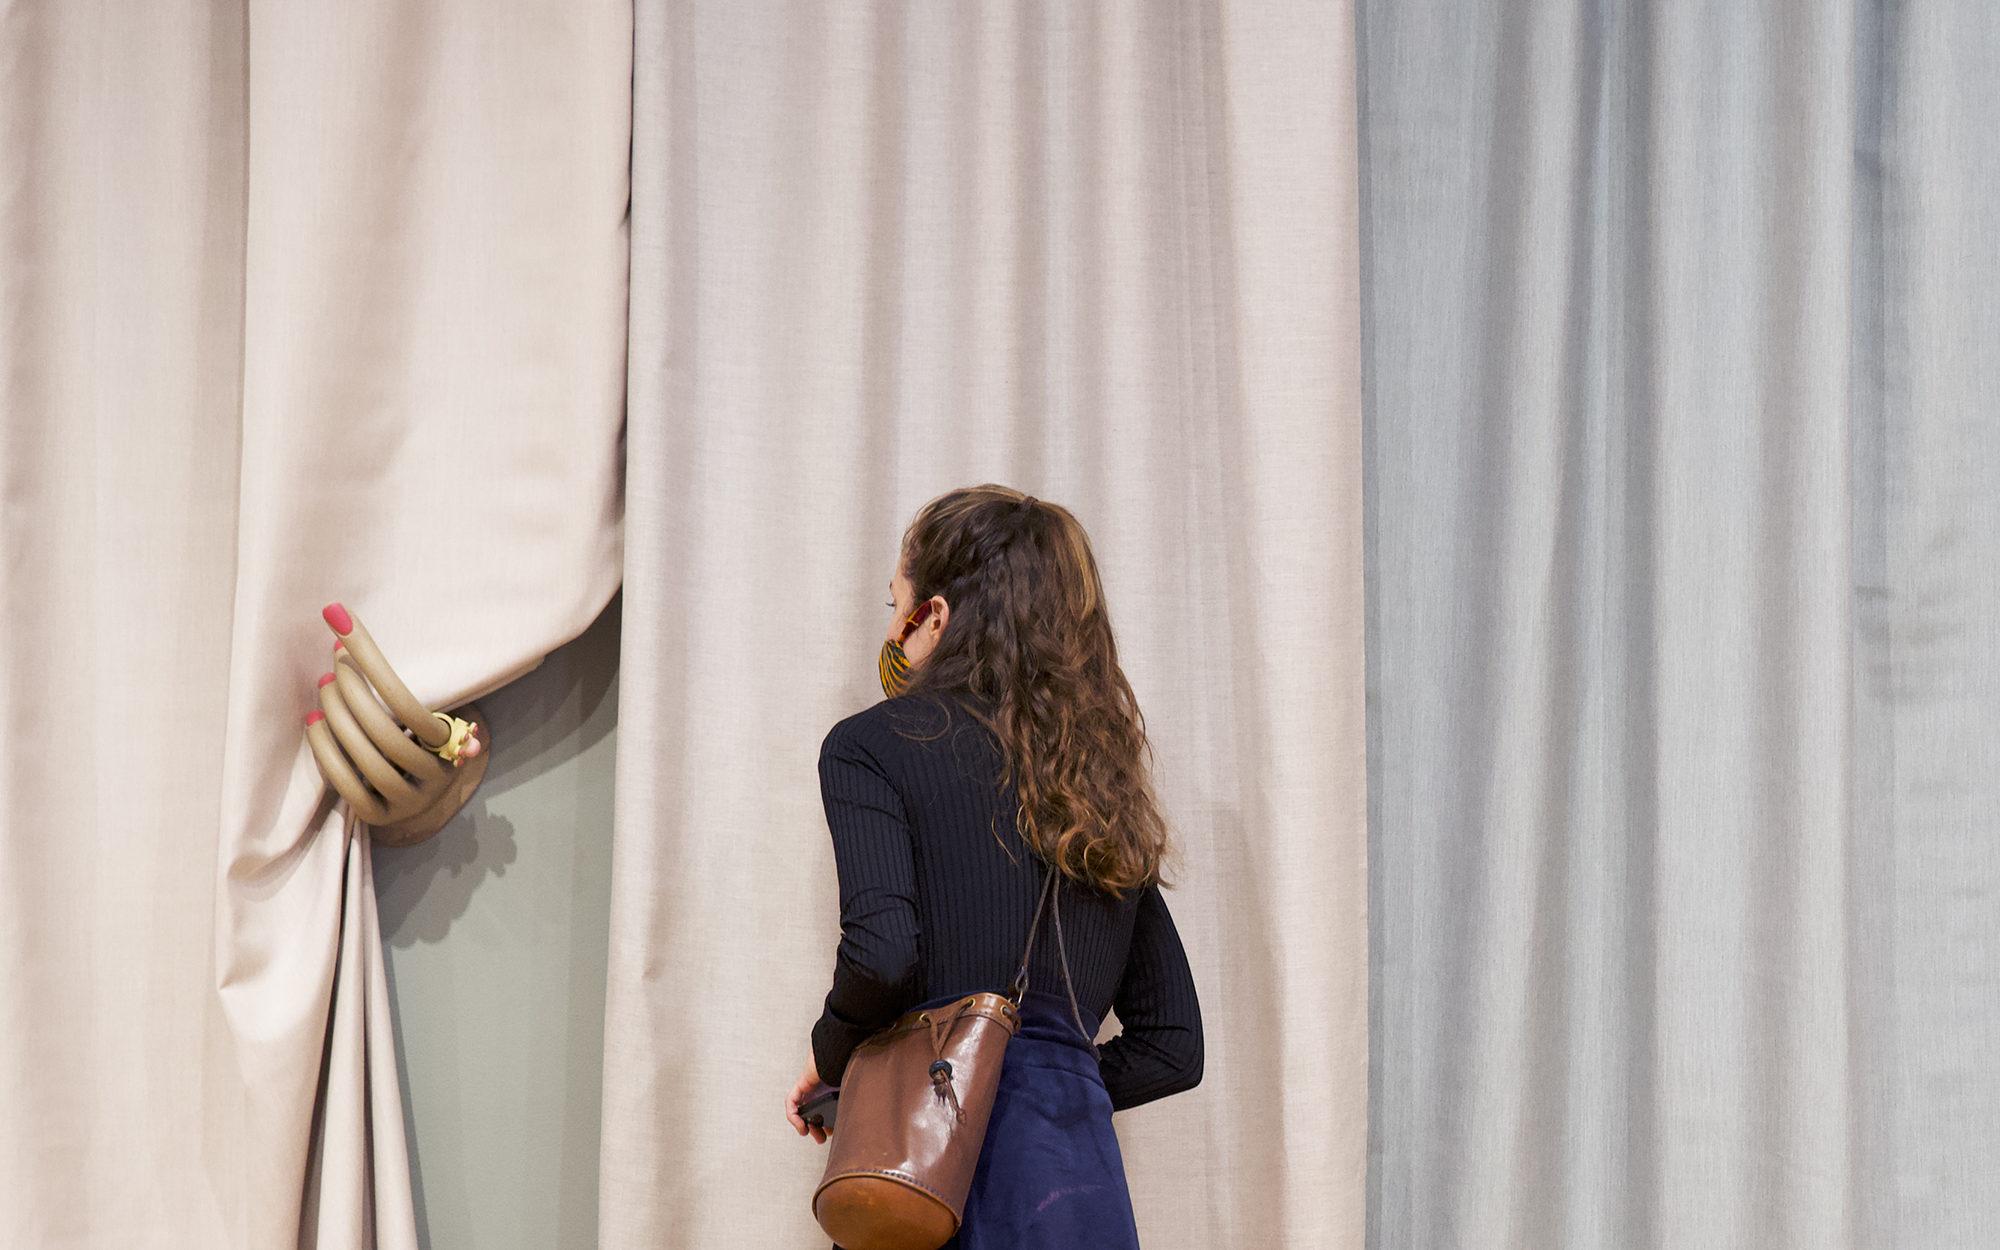 Visitor views Genesis Belanger's work